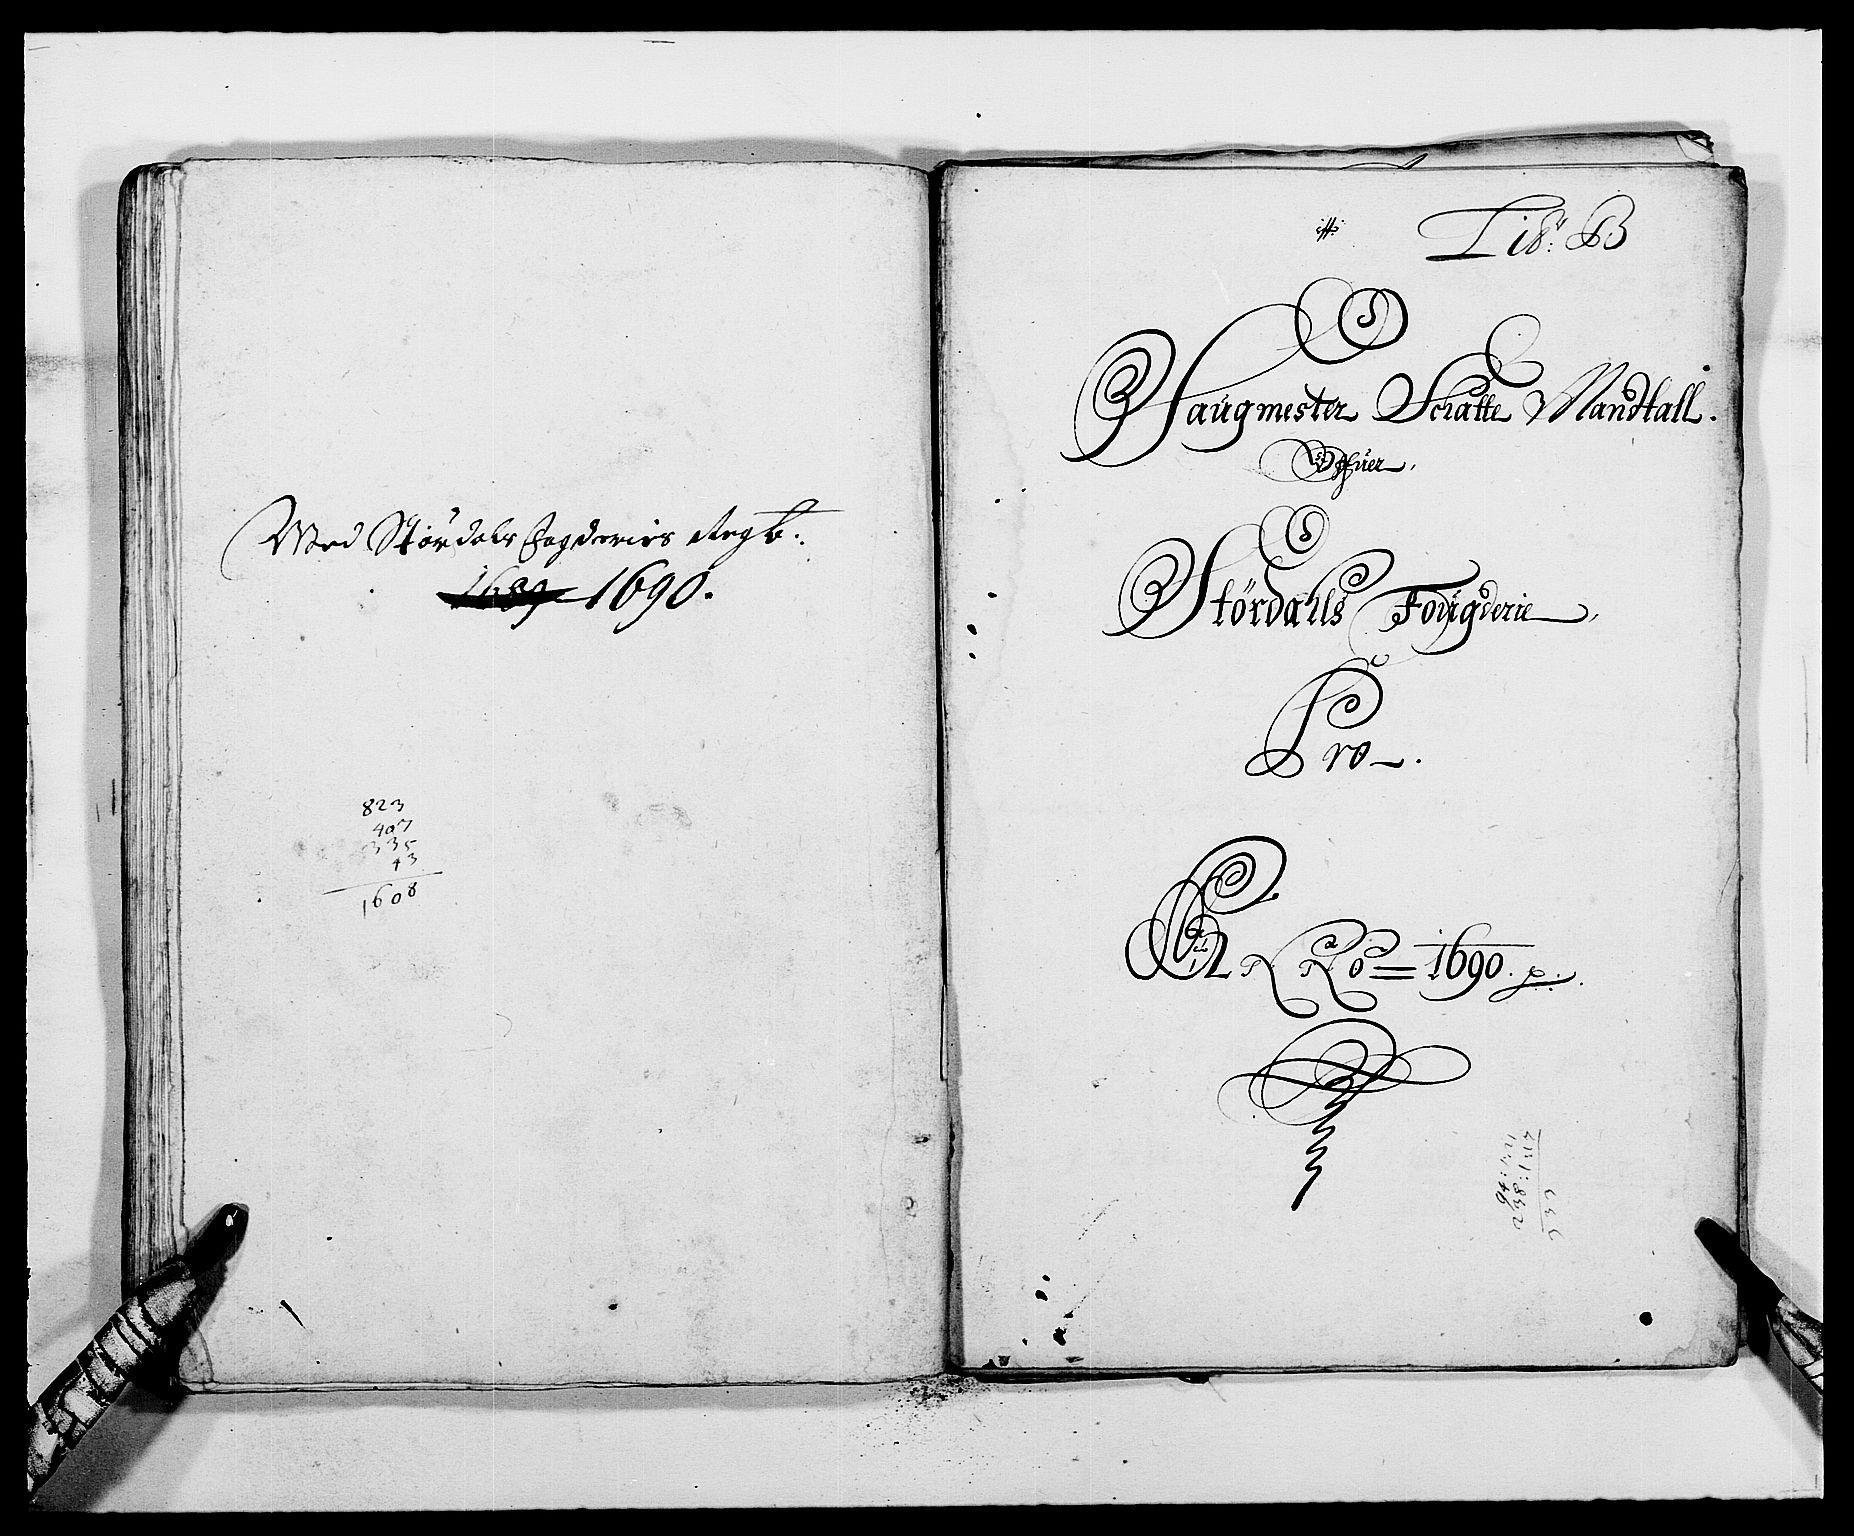 RA, Rentekammeret inntil 1814, Reviderte regnskaper, Fogderegnskap, R62/L4184: Fogderegnskap Stjørdal og Verdal, 1690-1691, s. 74